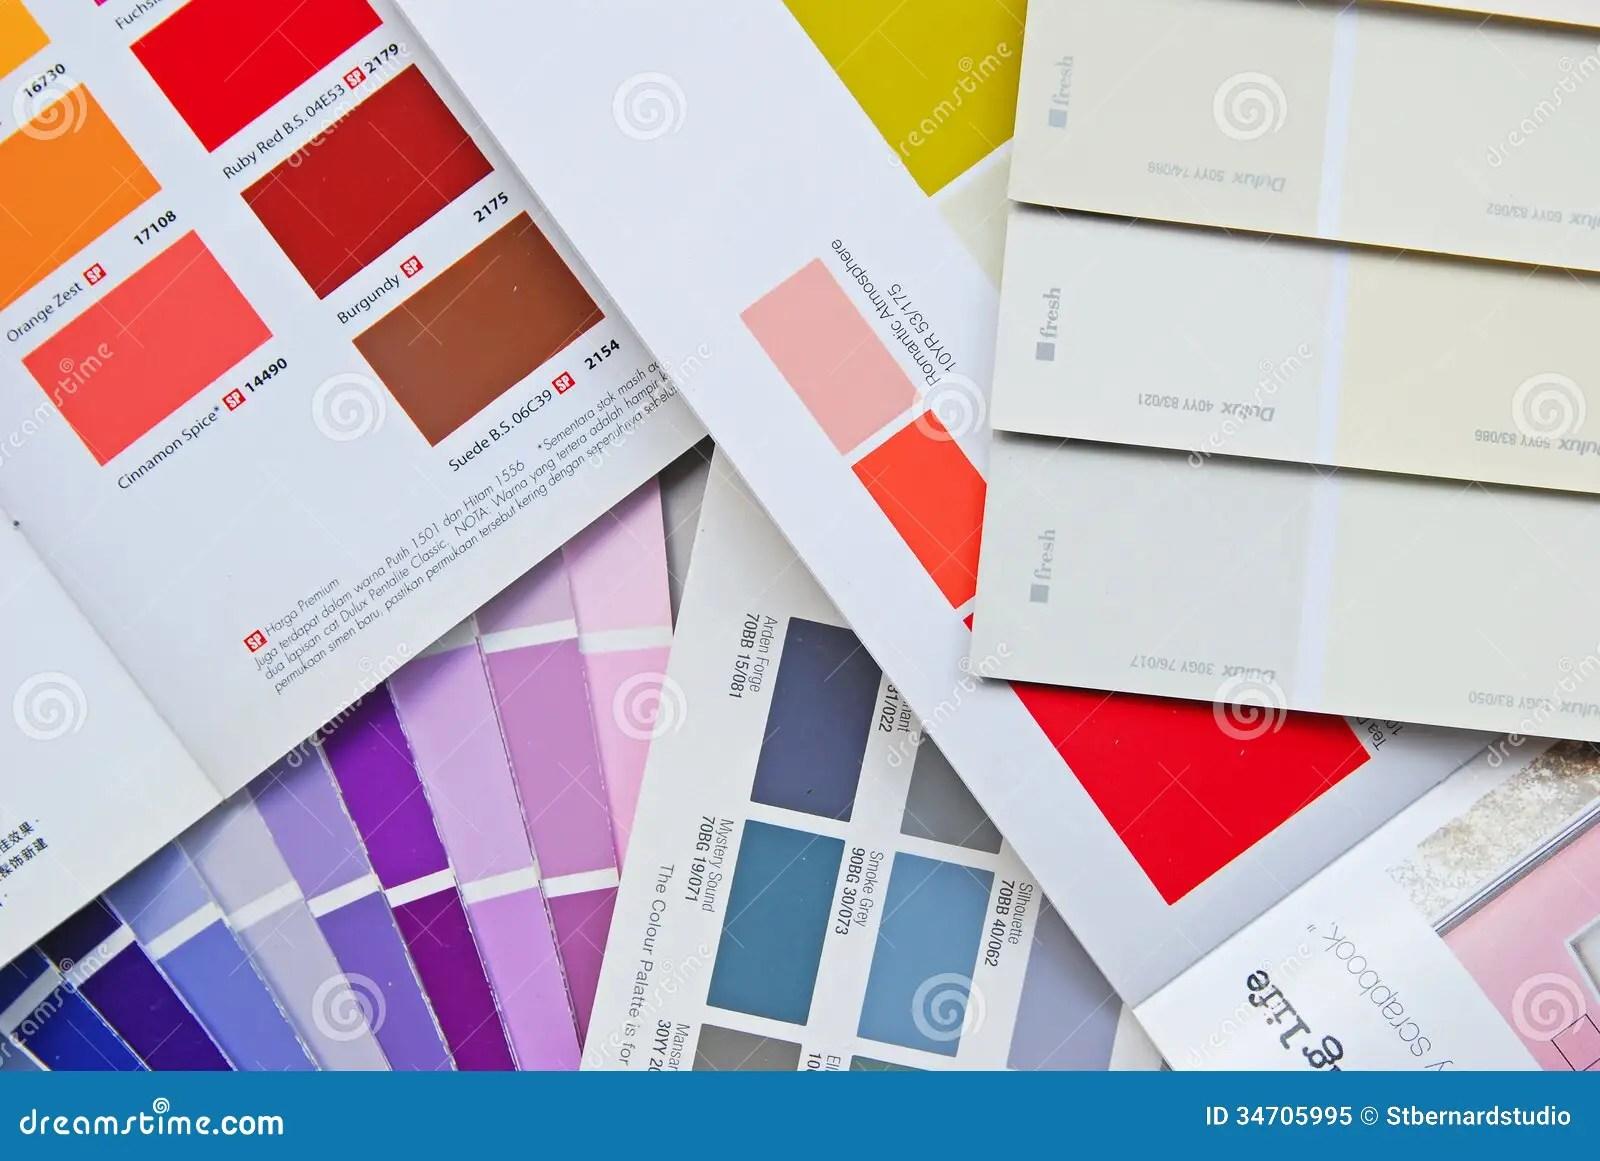 Tabella colori delle vernici come usarla per le pareti di. Grafico Libro Catalogo E Carta Del Fan Di Colore Per La Pittura Per Uso Interno Immagine Editoriale Immagine Di Combinazione Categoria 34705995